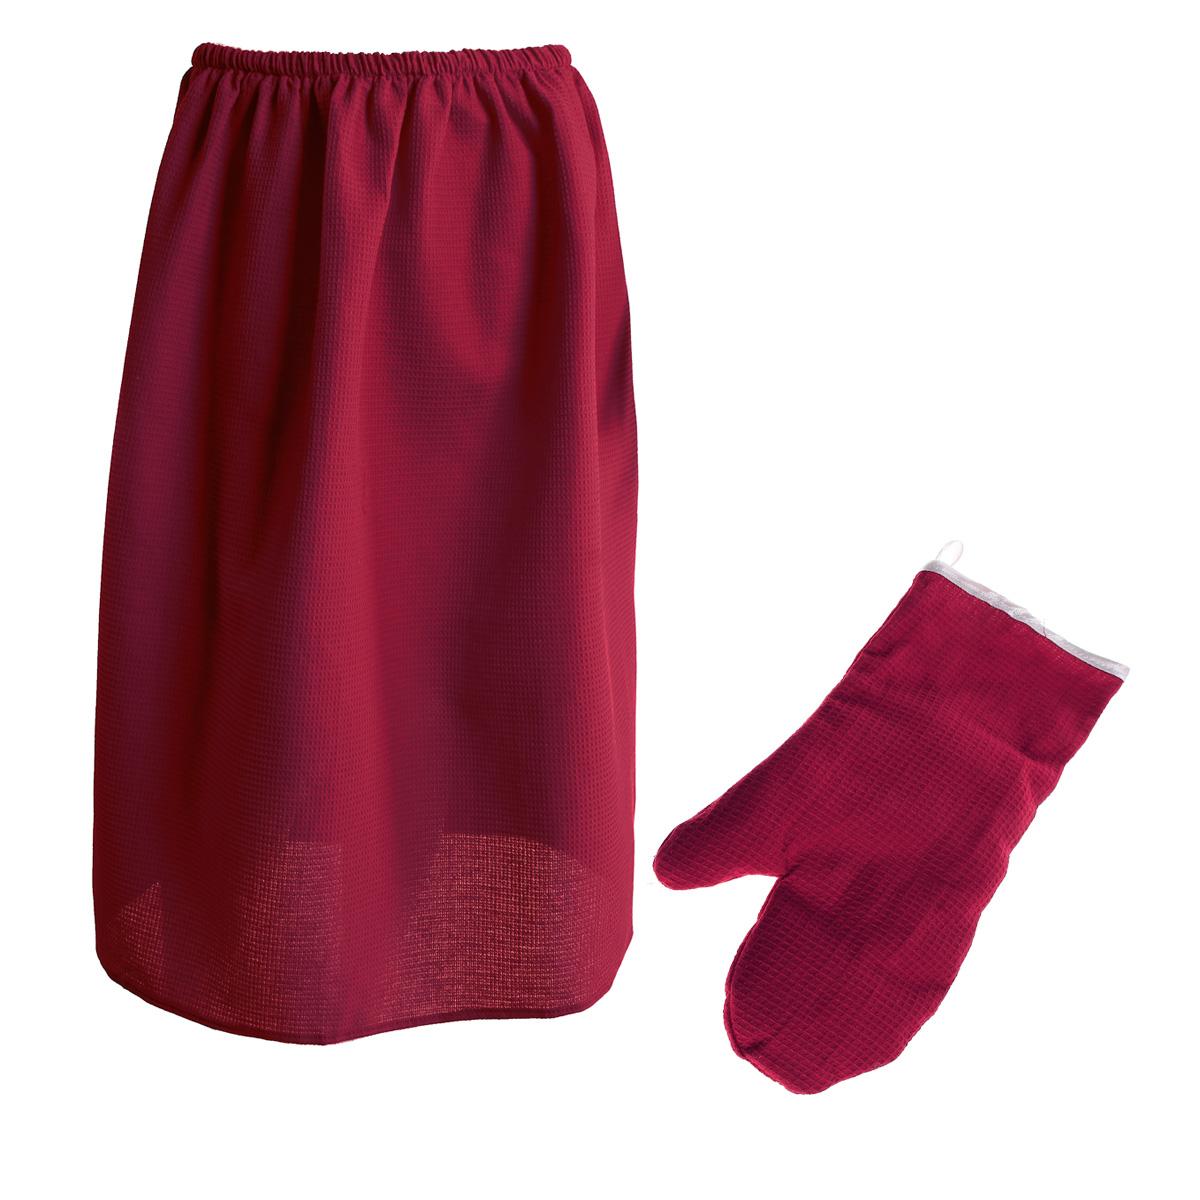 Комплект для бани и сауны Банные штучки женский, 2 предмета, цвет: бордовый531-401Комплект для бани и сауны Банные штучки, выполненный из натурального хлопка бордового цвета, привлечет внимание любителей модных тенденций в банной одежде.Набор состоит из вафельной накидки и рукавицы.Накидка - это многофункциональное полотенце специального покроя с резинкой и застежкой. В парилке можно лежать на ней, после душа вытираться, а во время отдыха использовать как удобную накидку.Рукавица обезопасит ваши руки от горячего пара или ручки ковша. Рукавицей можно также прекрасно помассировать тело.Такой набор будет приятно получить в подарок каждому. Характеристики: Материал: 100% хлопок. Длина накидки: 78 см. Ширина накидки: 145 см. Размер: 36-60. Размер рукавицы: 26,5 см х 17,5 см. Артикул: 32062.